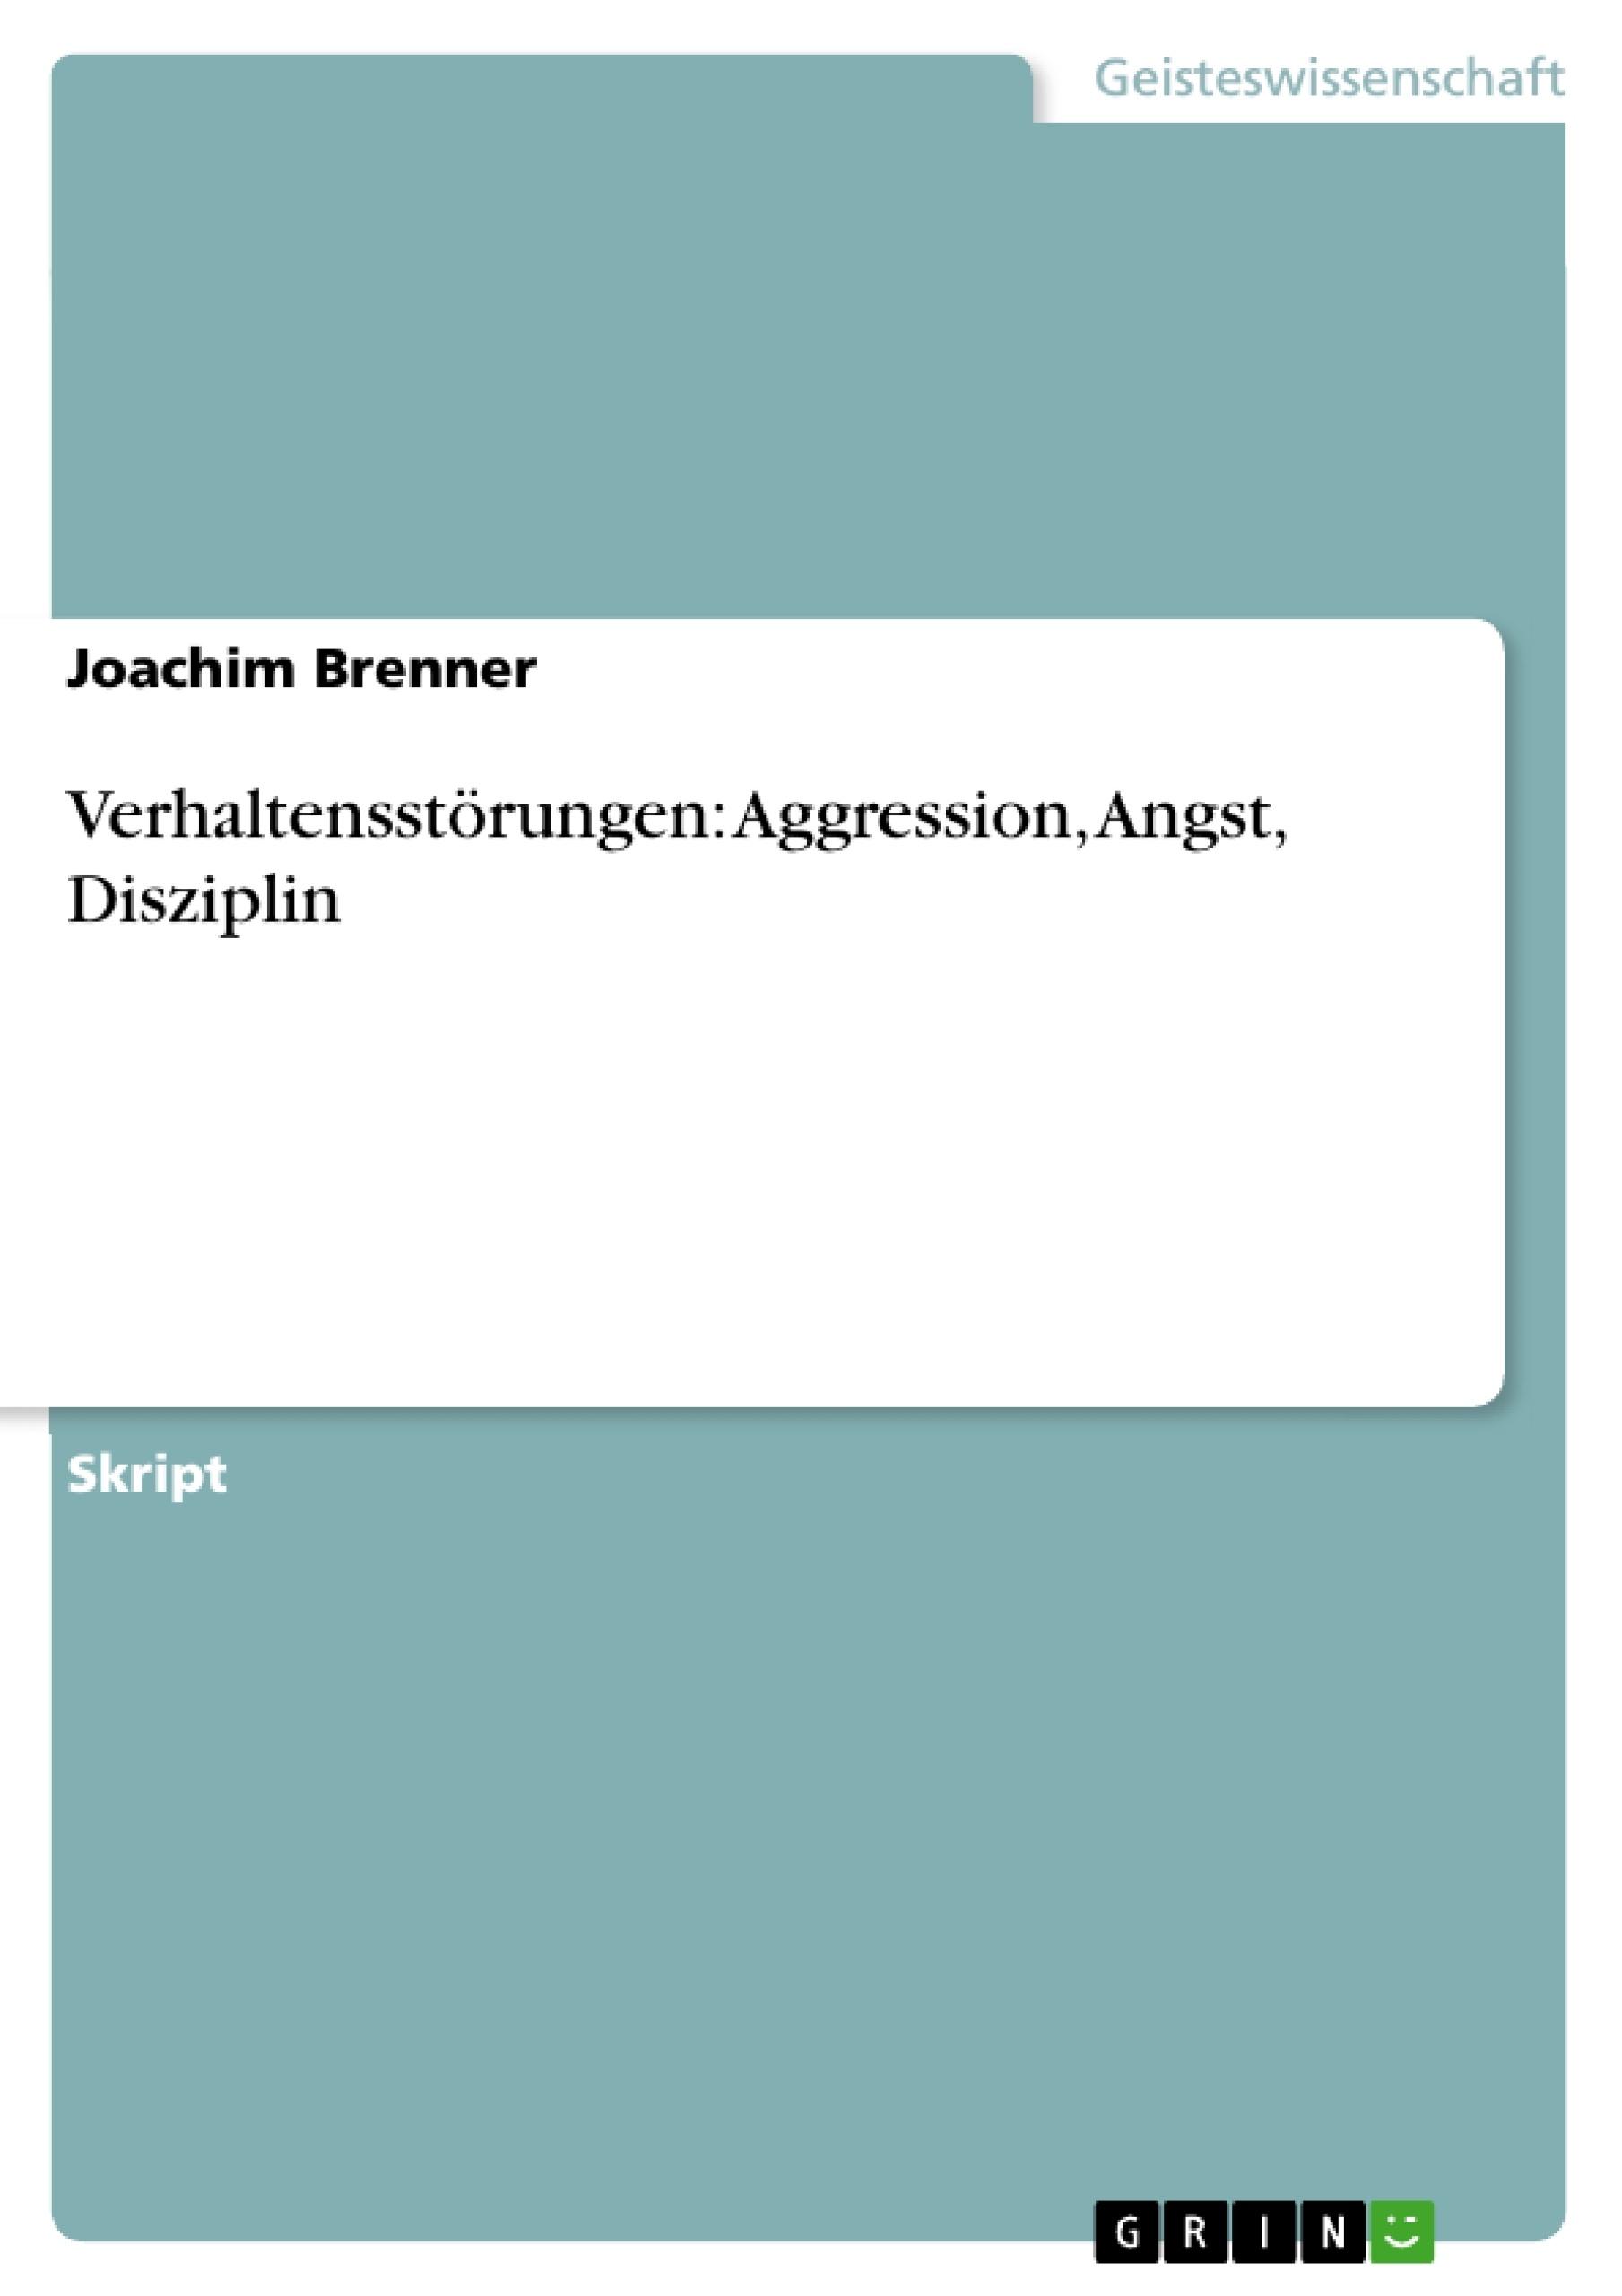 Titel: Verhaltensstörungen: Aggression, Angst, Disziplin